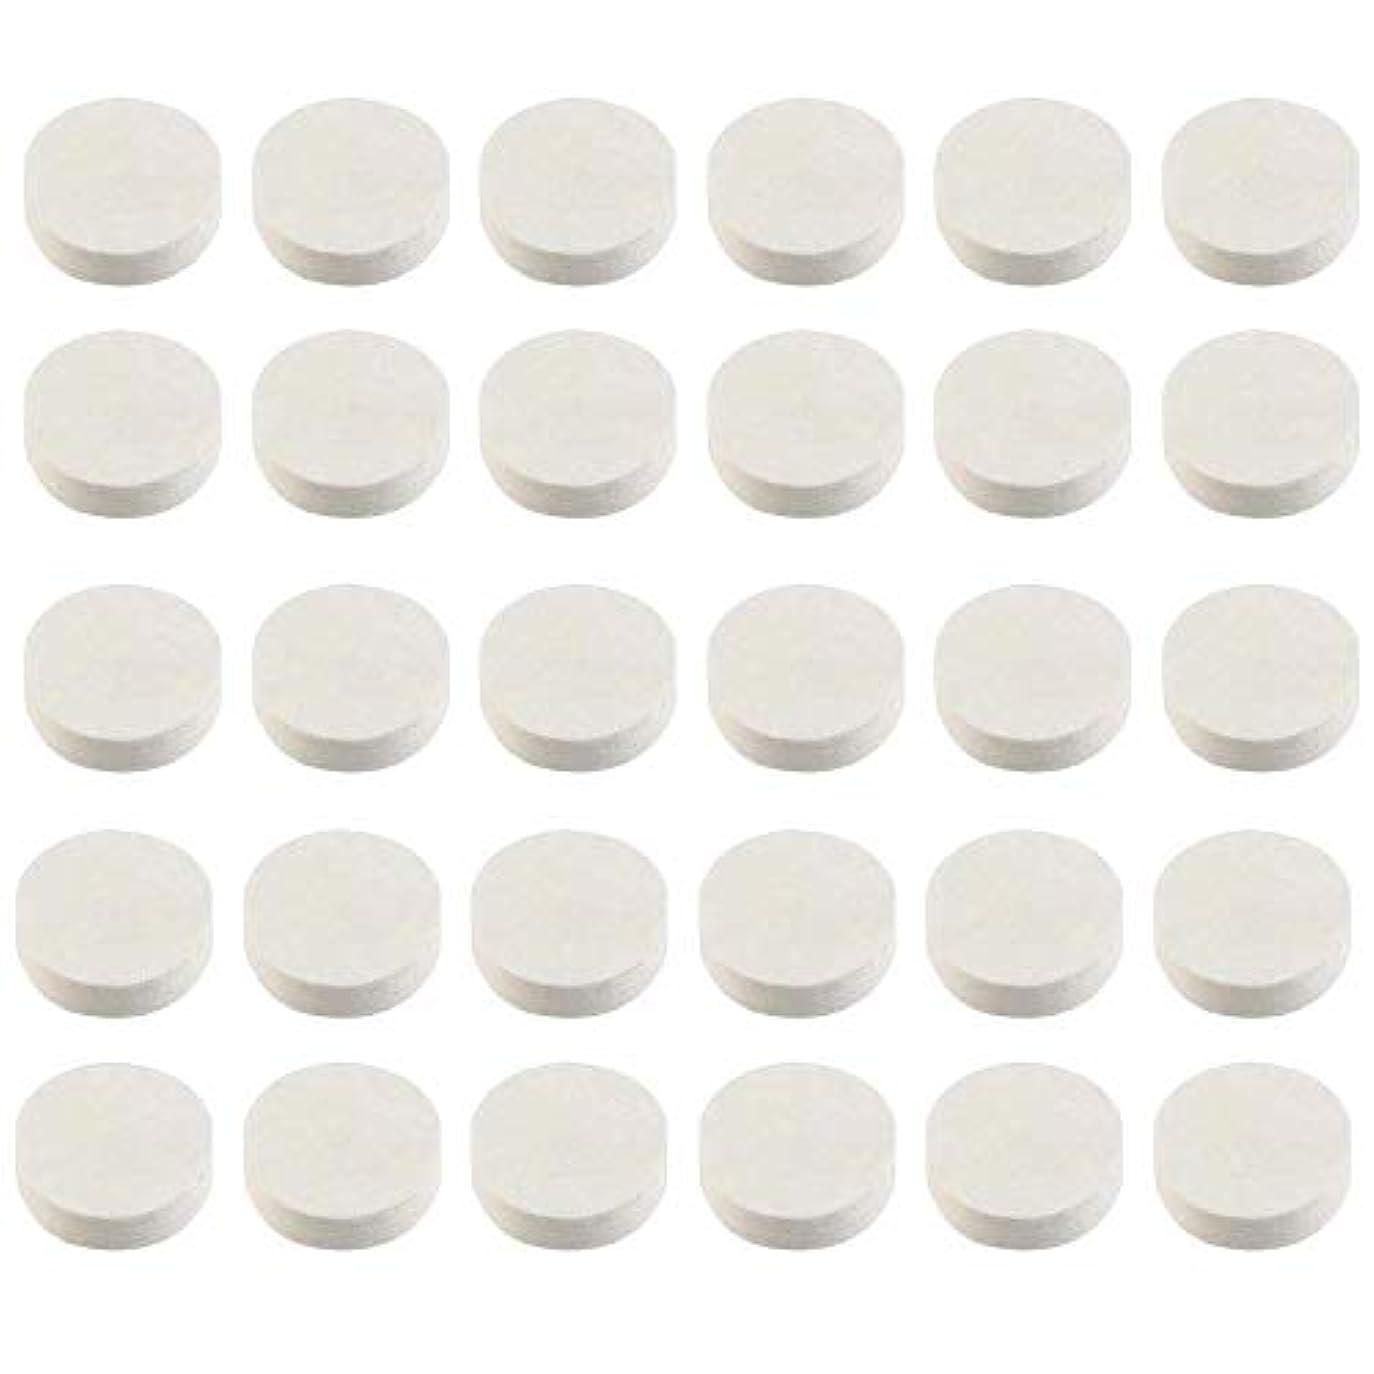 貪欲宣伝適度な30枚入り携帯便利使い捨て圧縮マスク圧縮フェイスパック圧縮マスクシートスキンケア